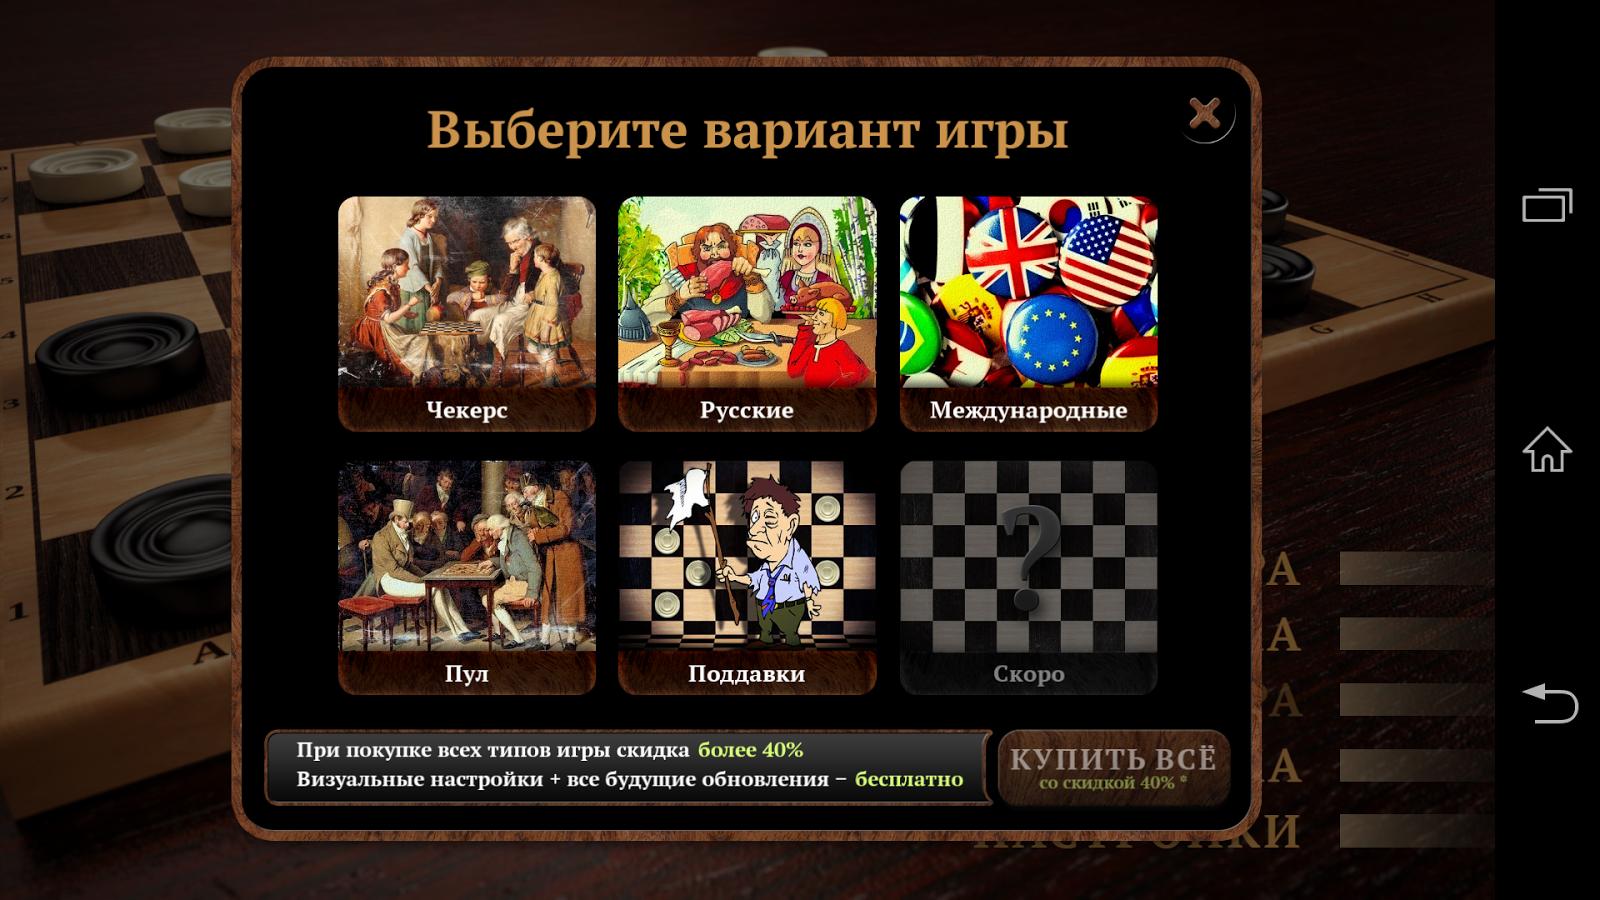 Играть в вулкан на смартфоне Зеленое поставить приложение Казино новое вулкан Новогурьевское установить